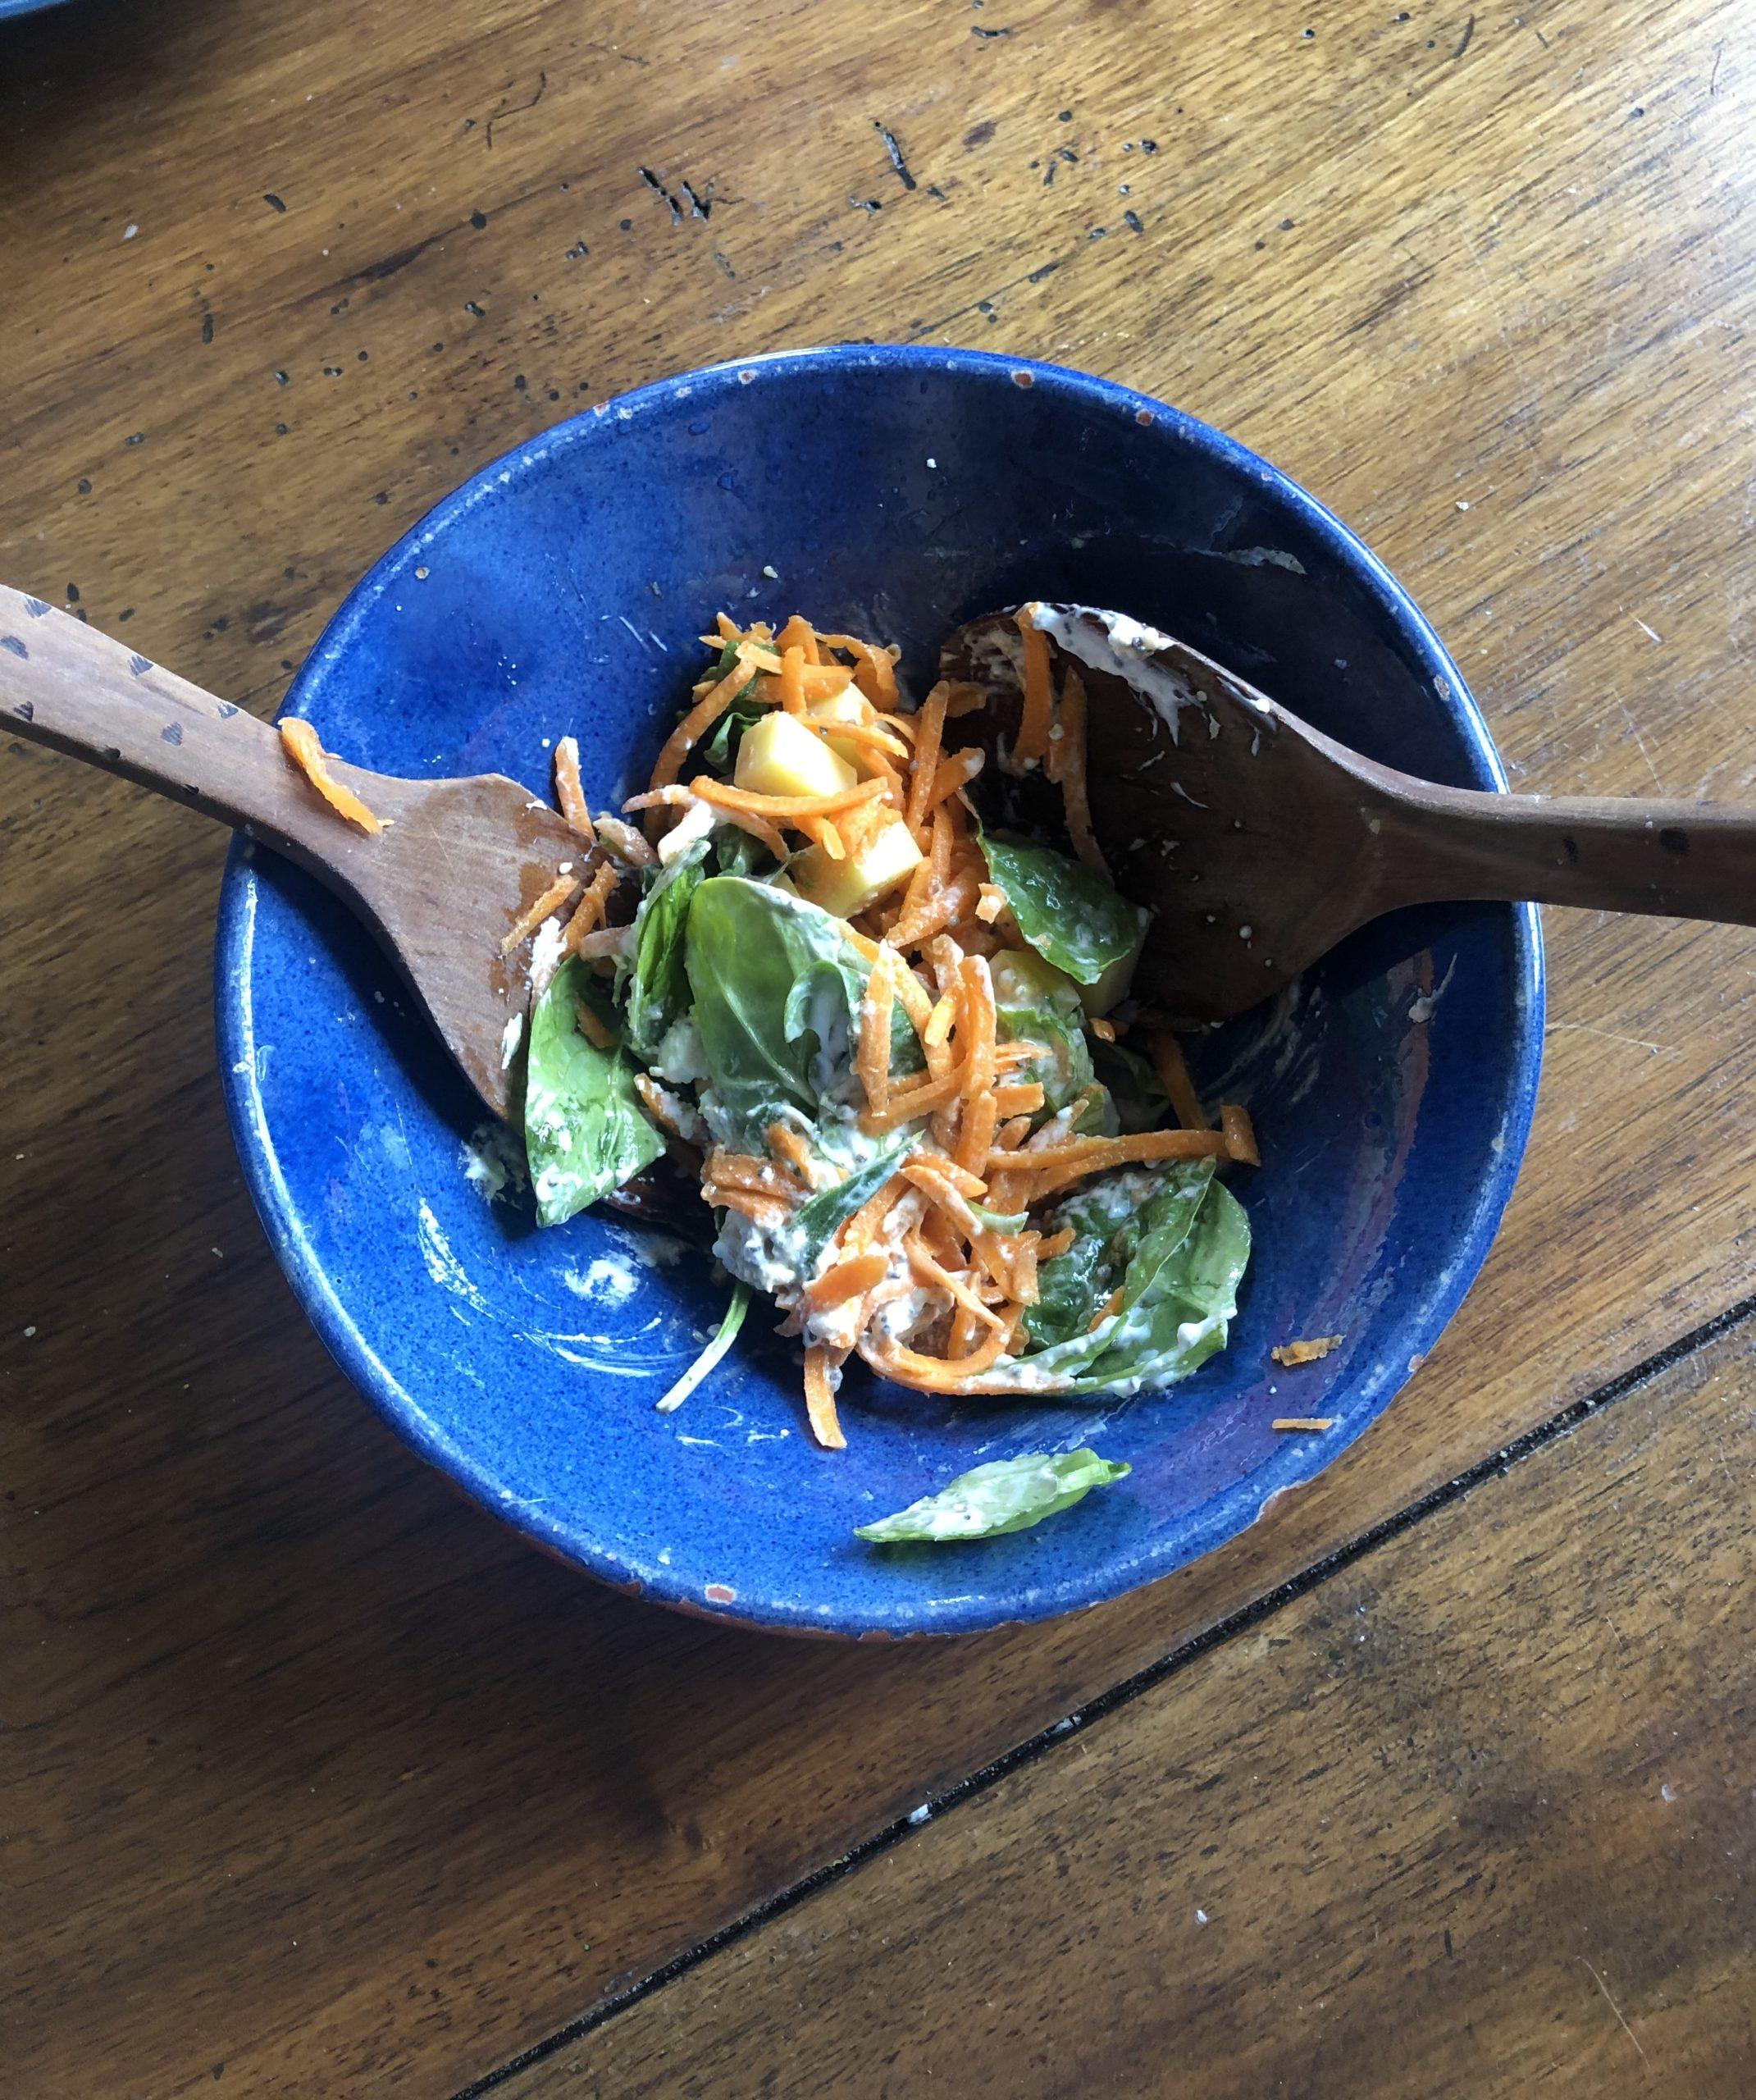 salade valériane, recette de cuisine, la pousse verte